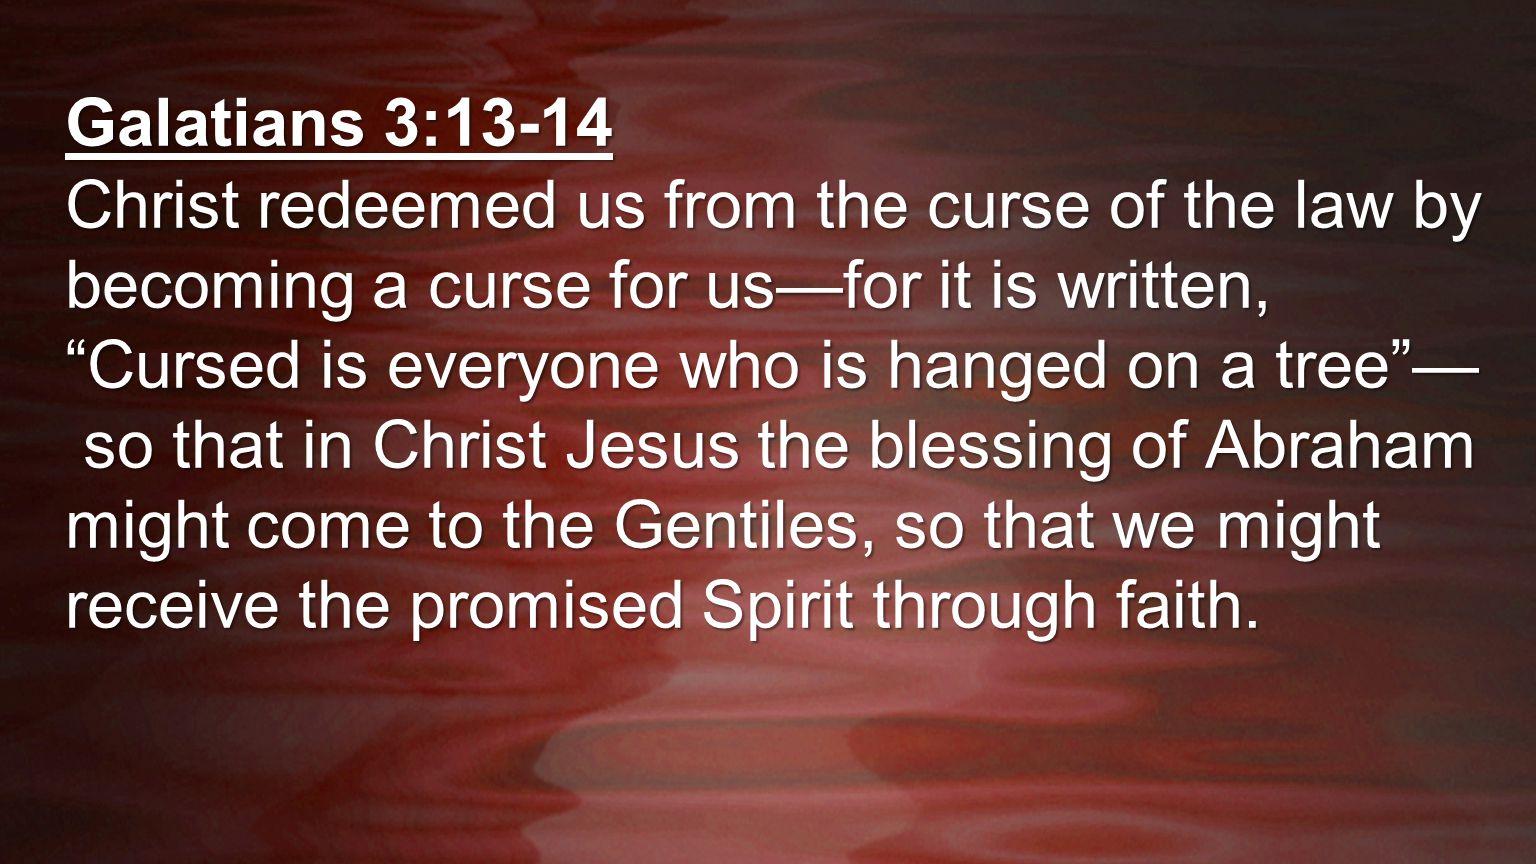 Galatians 3:13-14